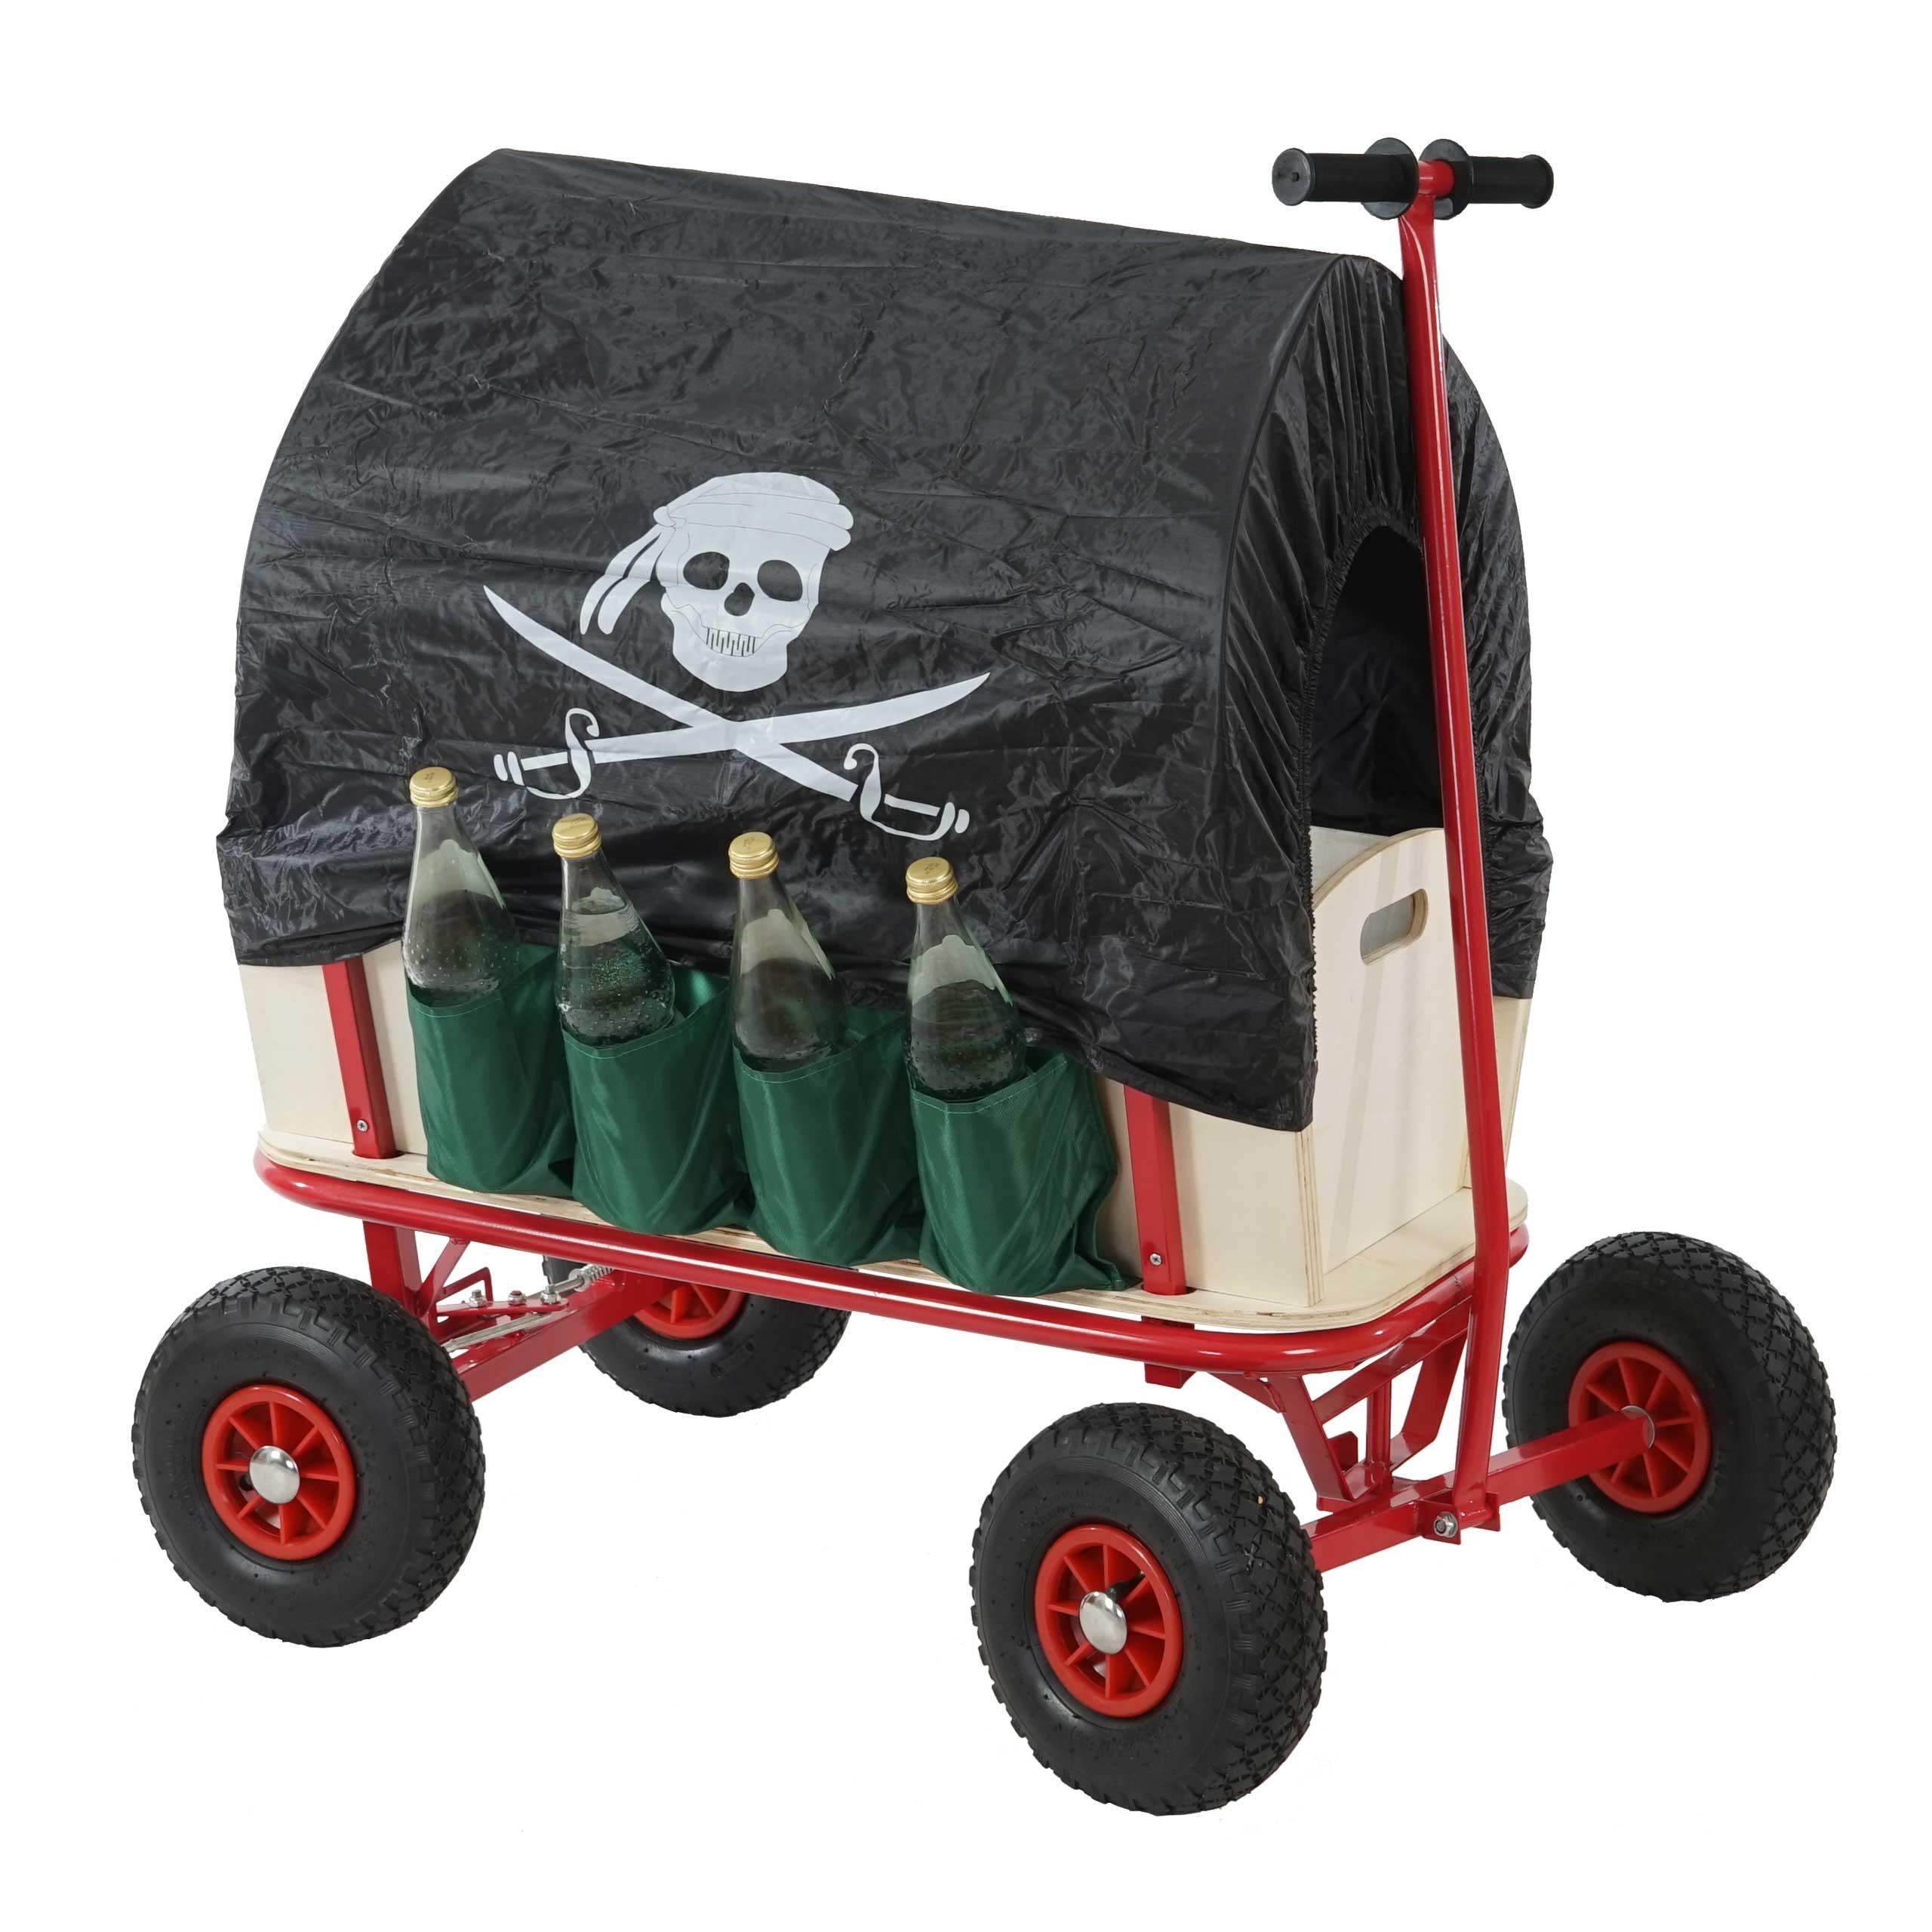 bollerwagen handwagen leiterwagen oliveira inkl sitz bremse flaschenhalter dach pirat schwarz. Black Bedroom Furniture Sets. Home Design Ideas